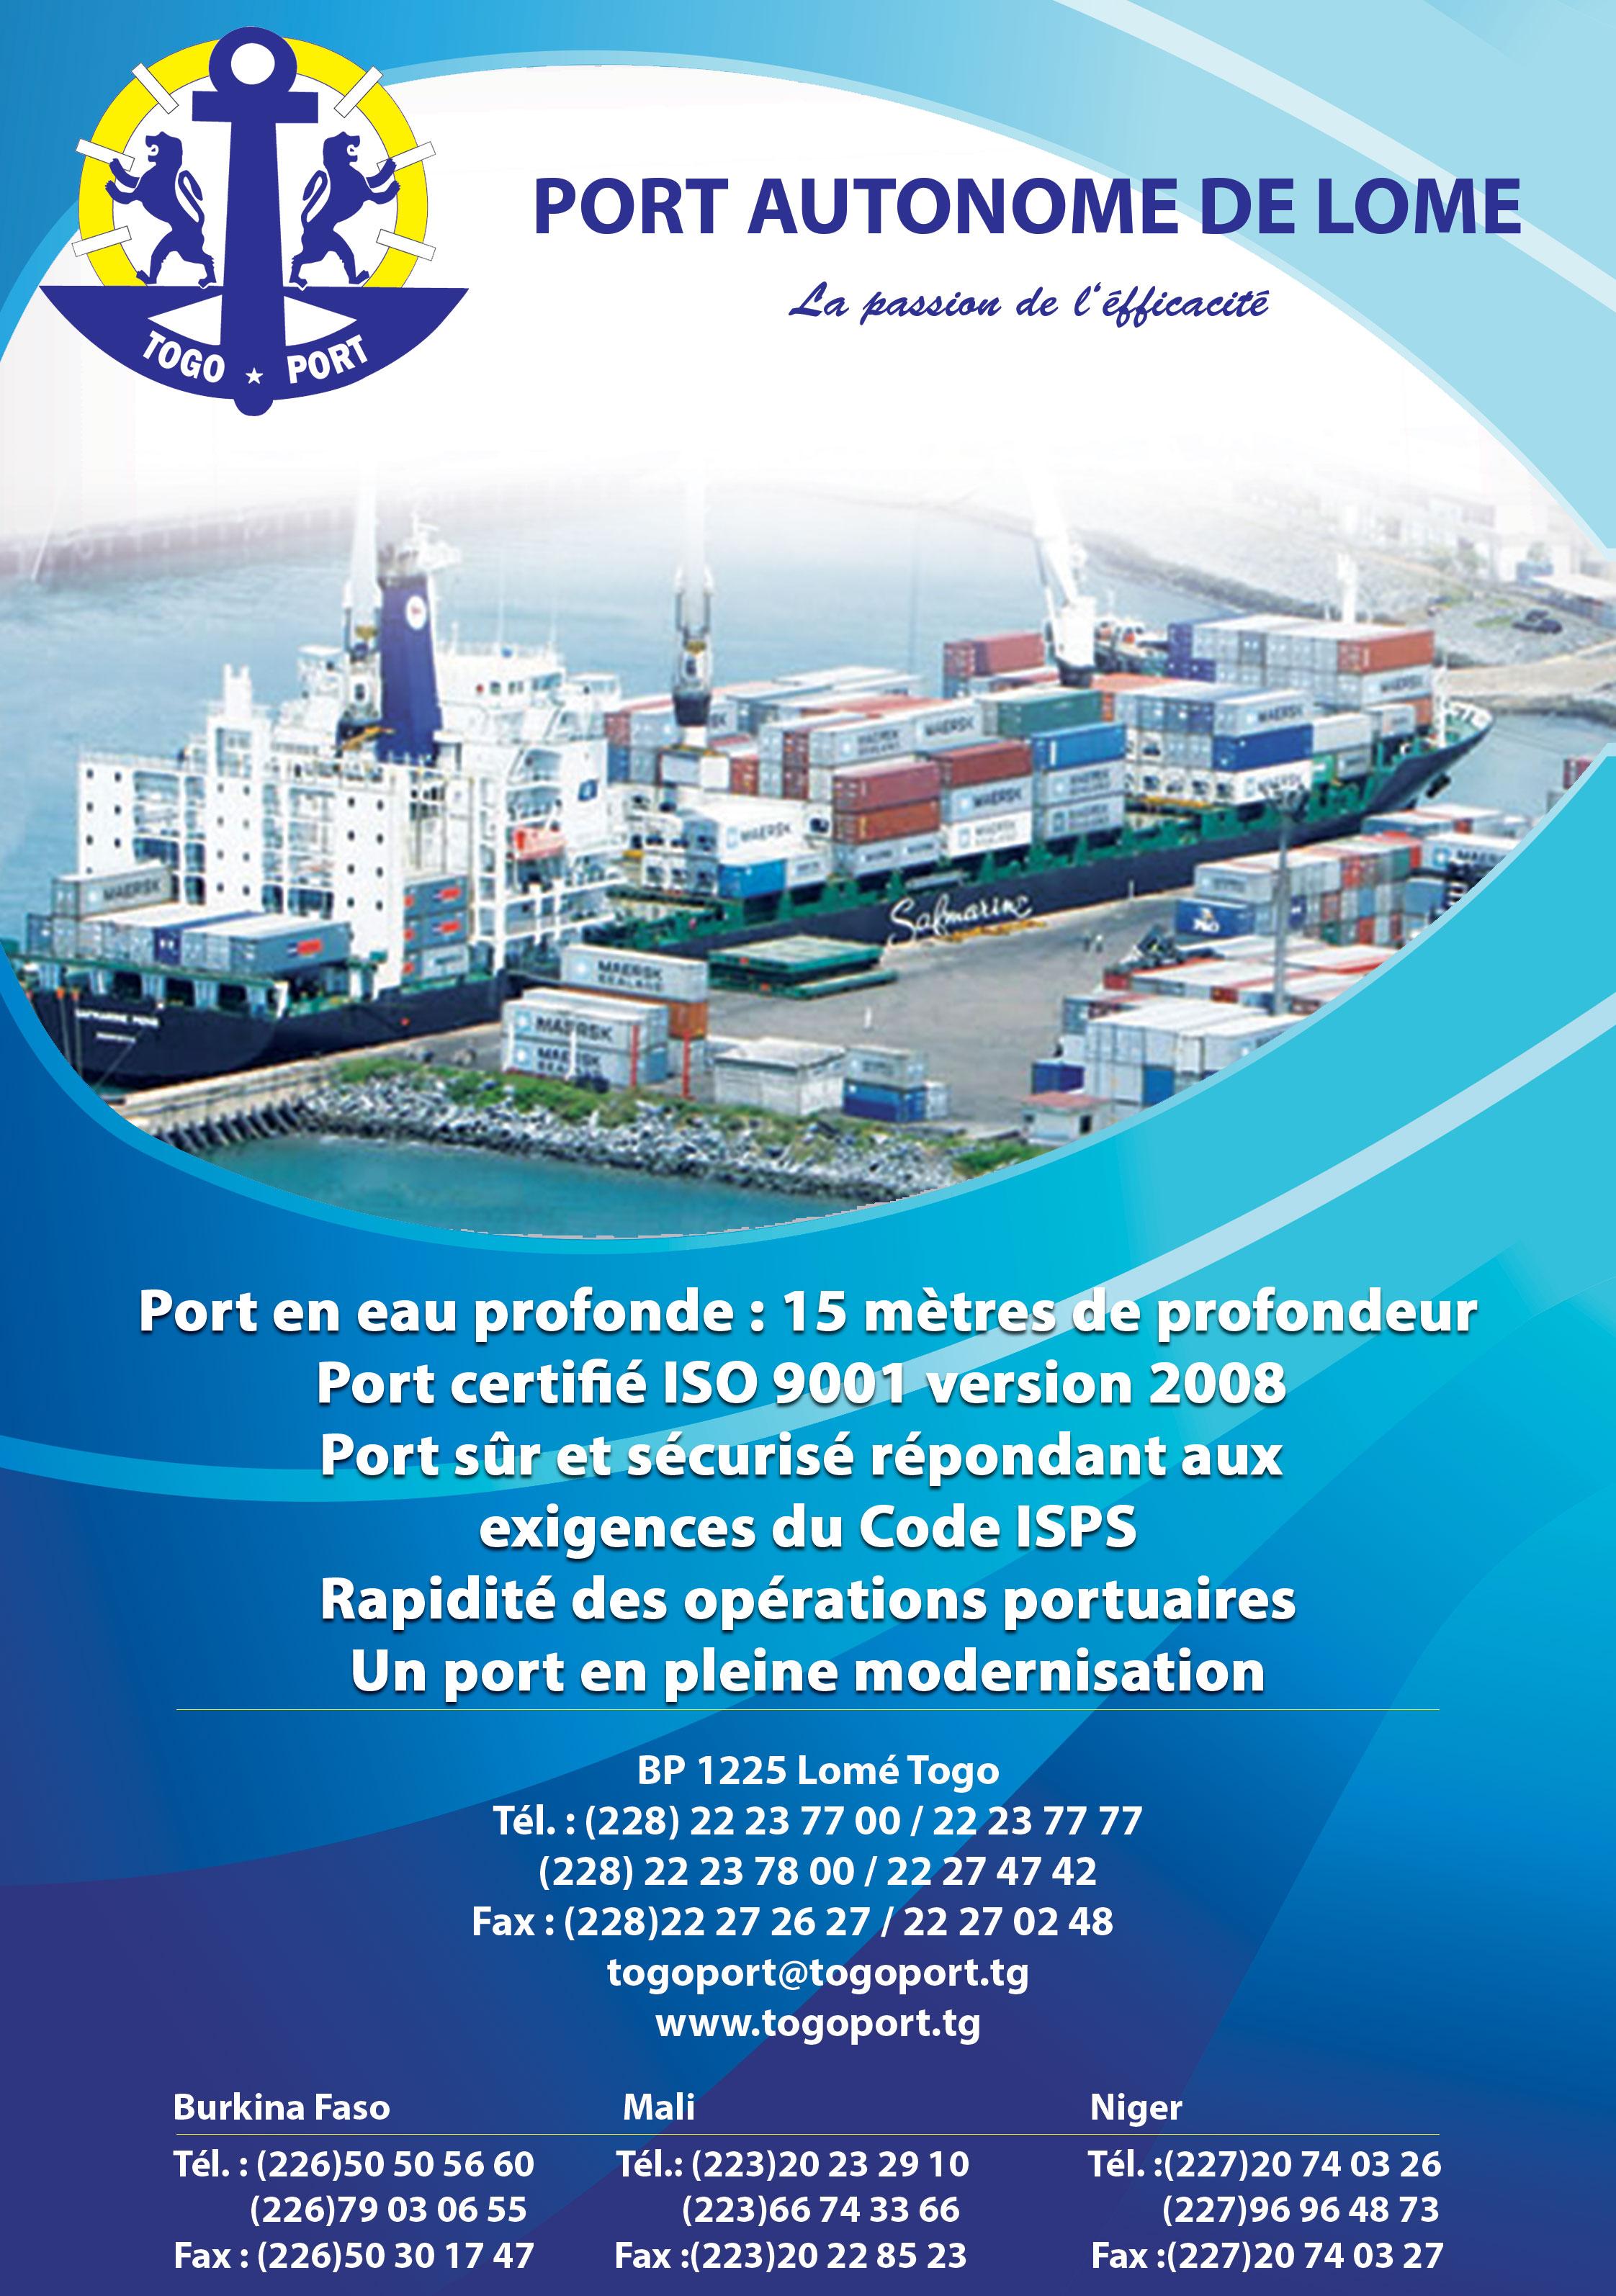 Port autonome de lome ports - Port autonome recrutement ...